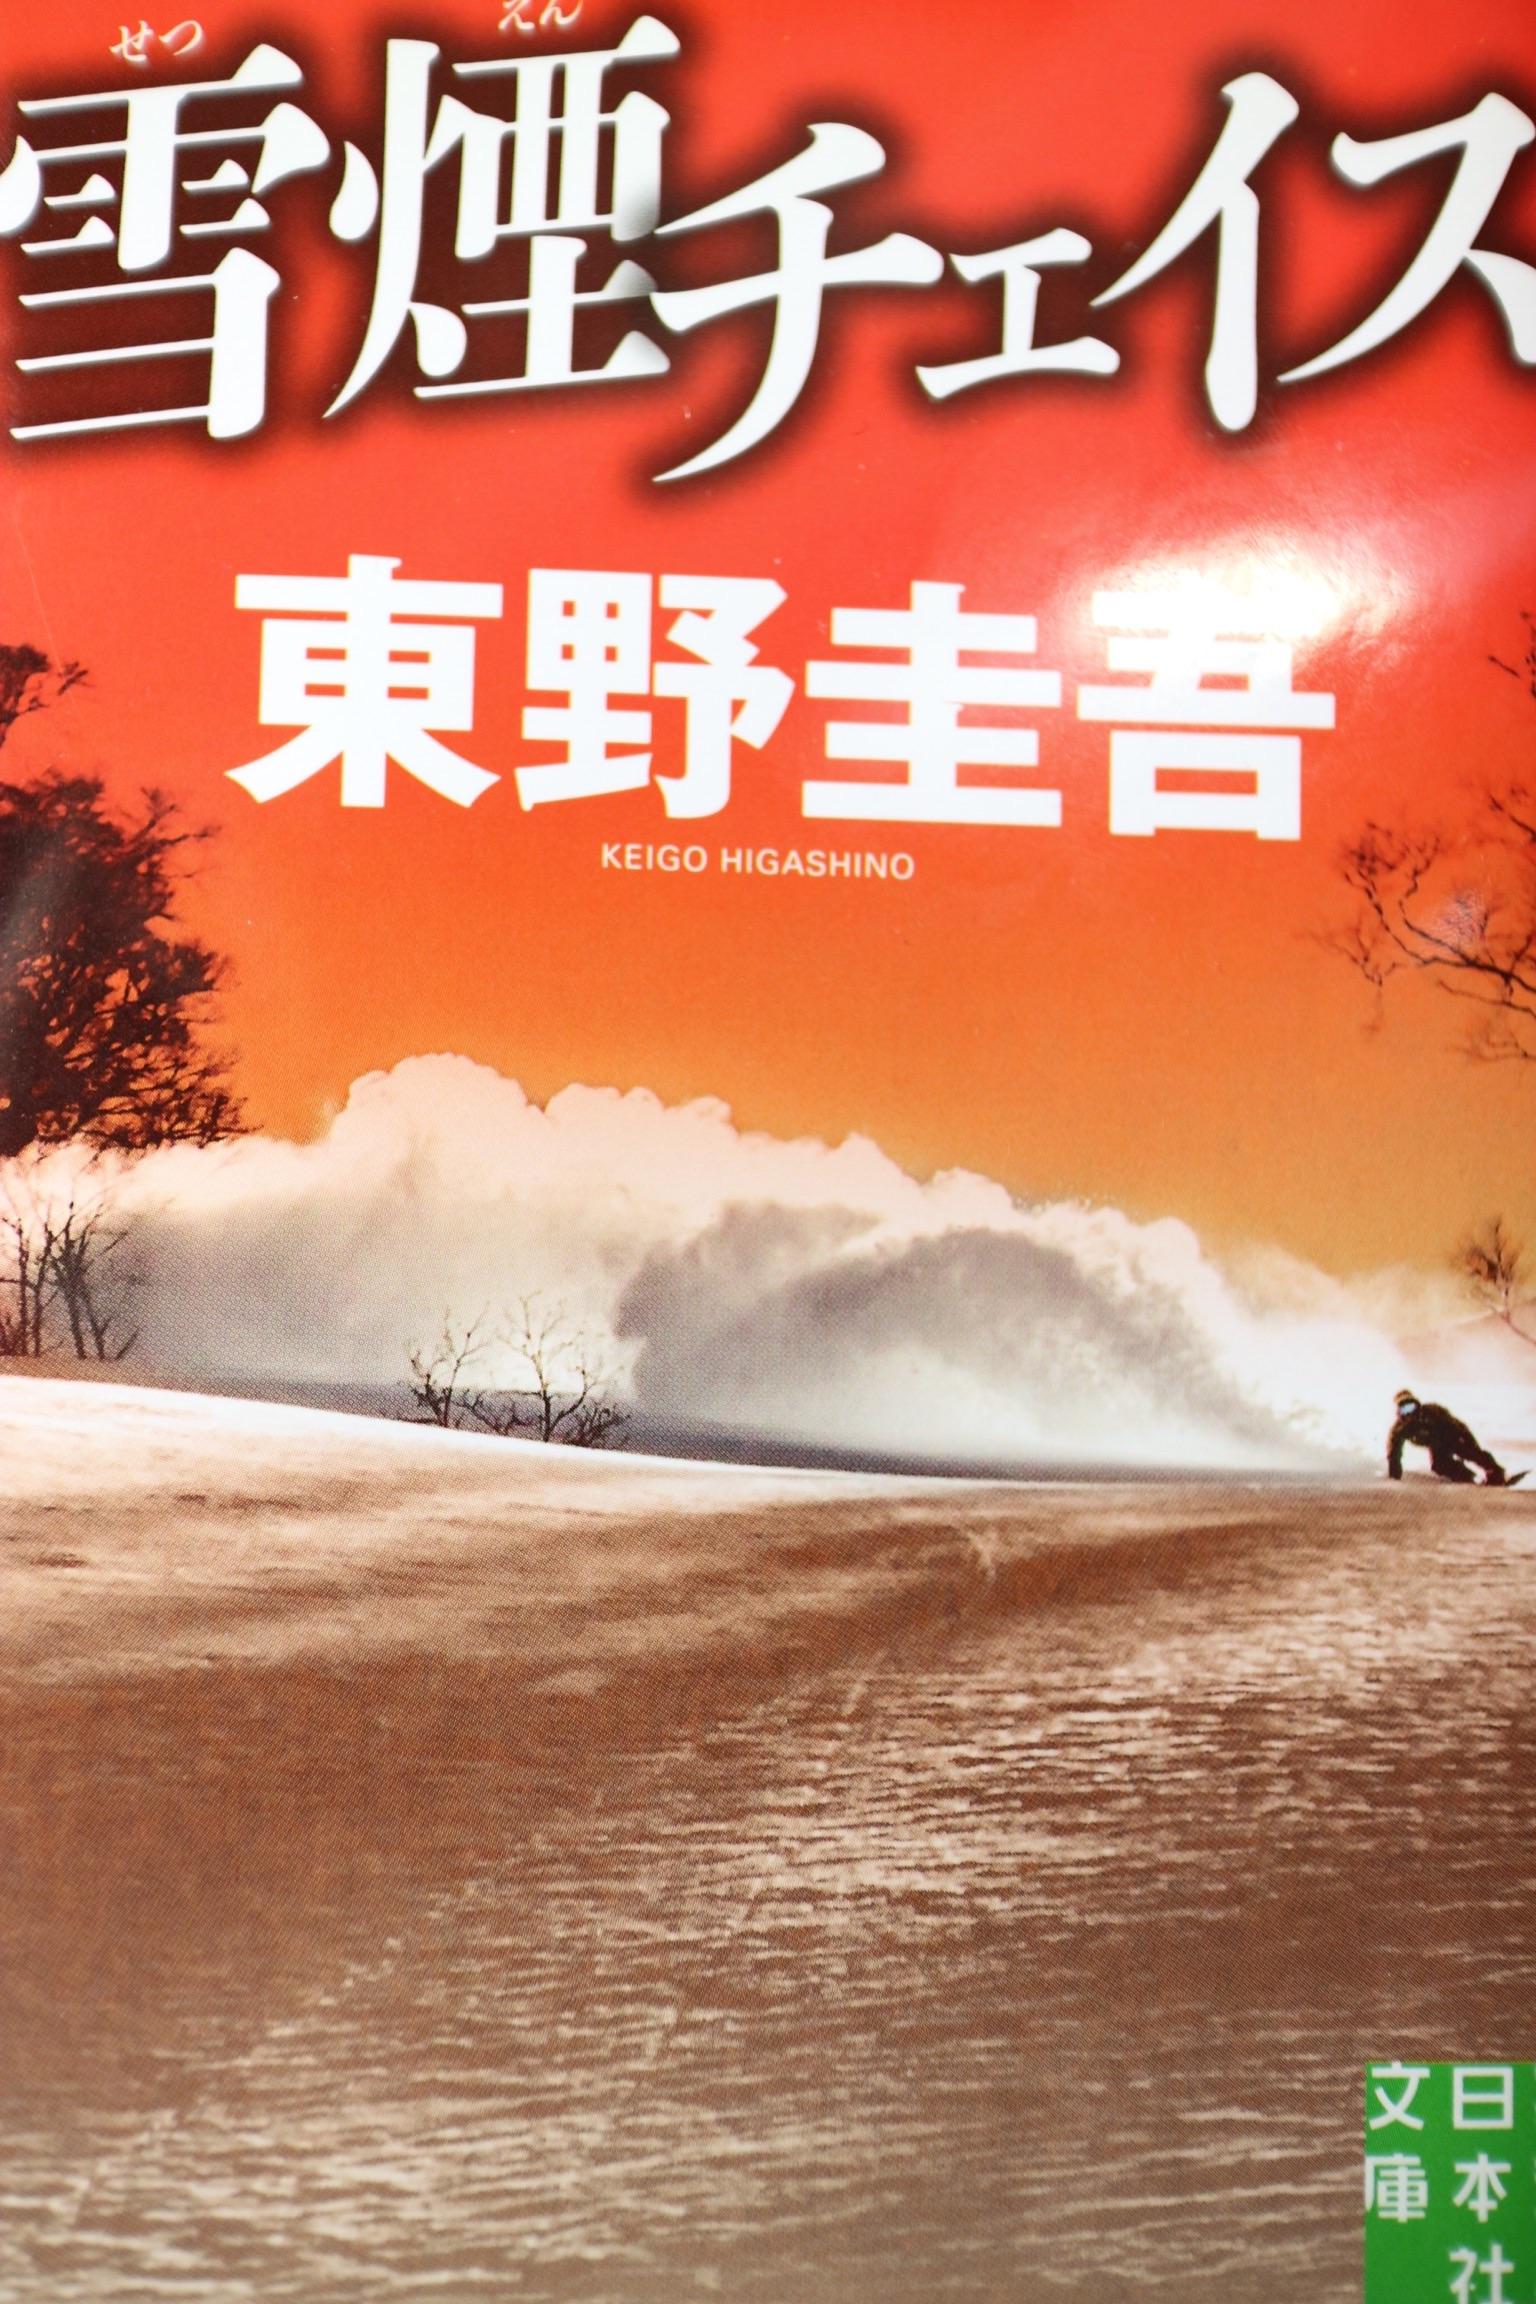 『雪煙チェイス』 最新刊 感想 東野圭吾